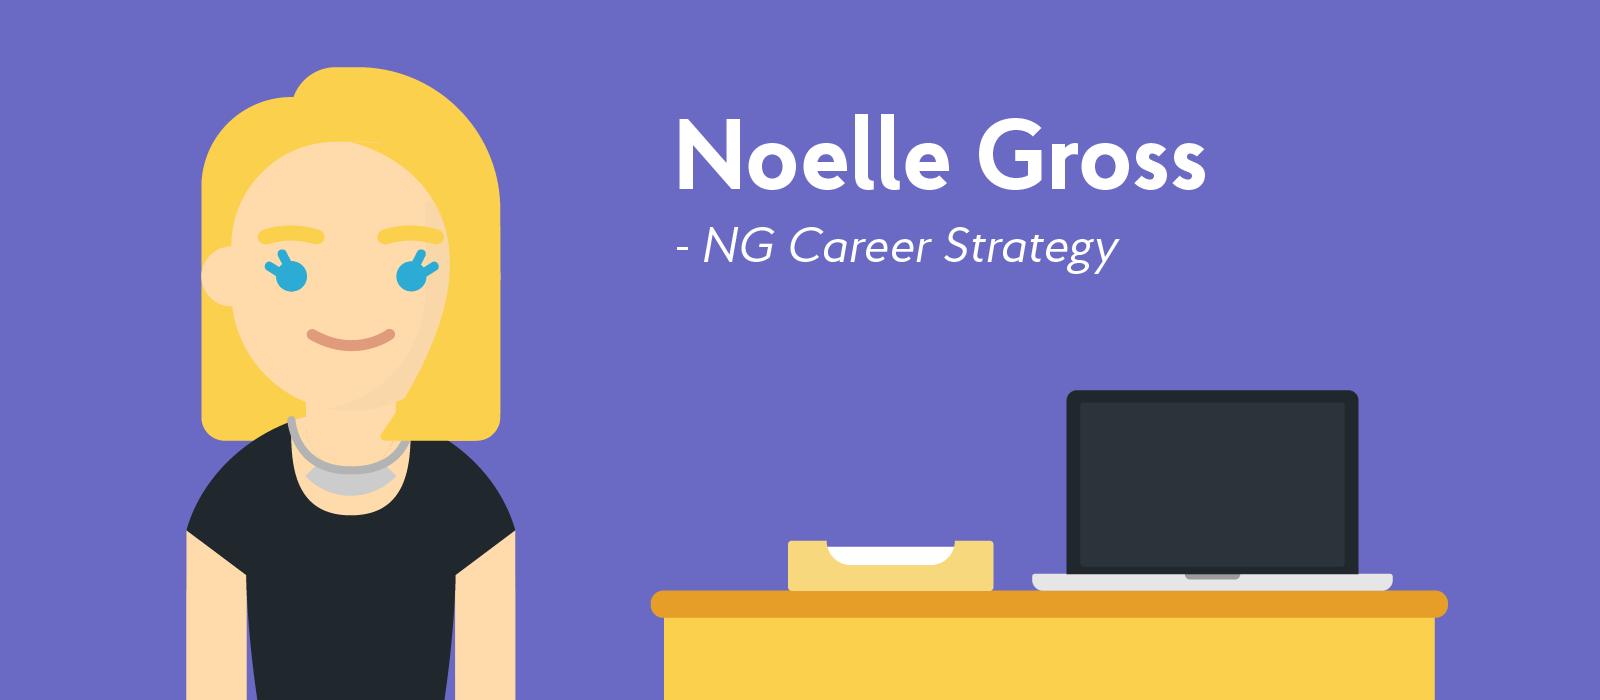 Noelle Gross career influencer